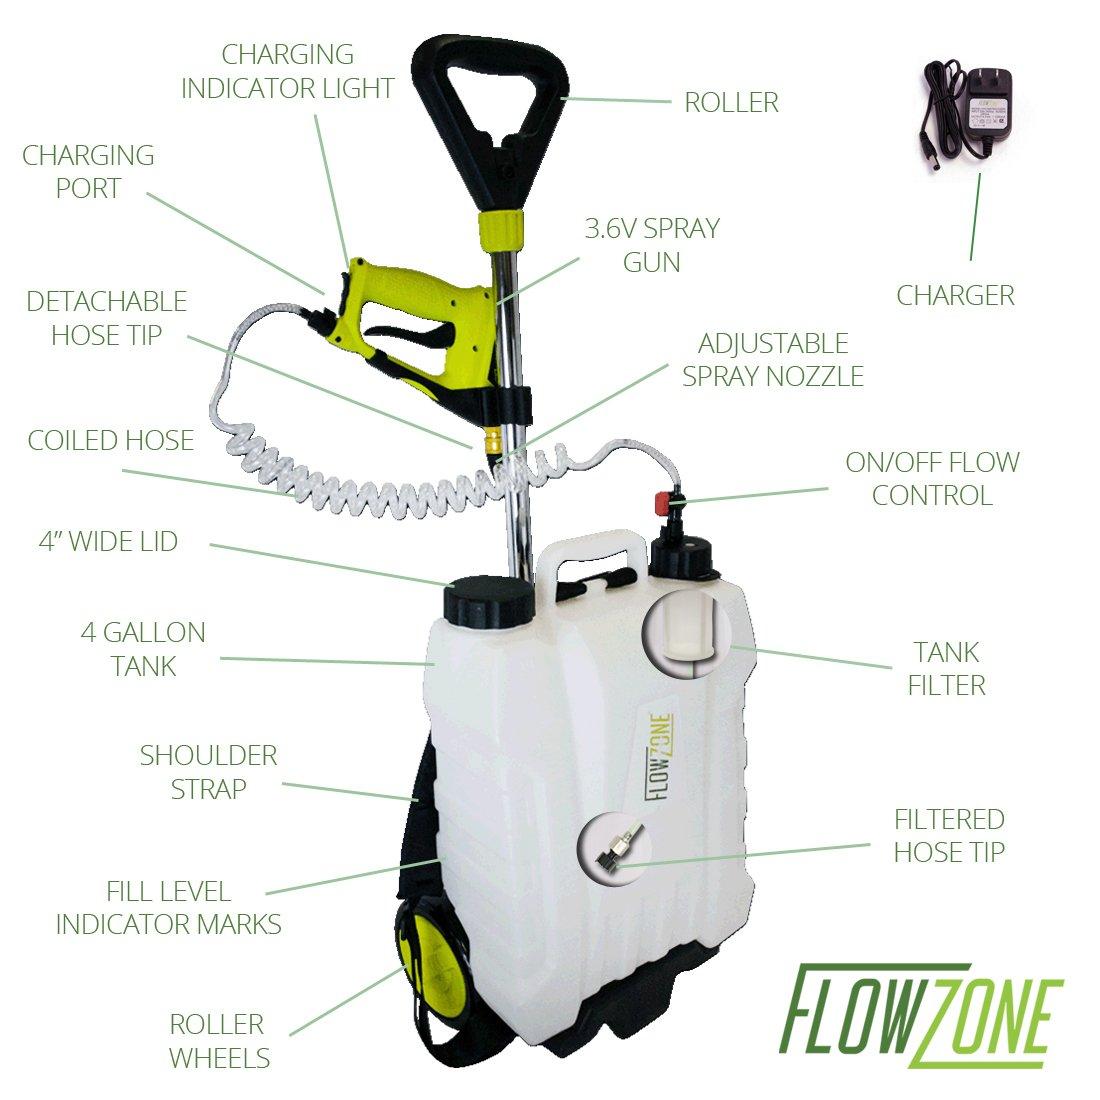 Flowzone 4 Gal Multi Use 3 6v Battery Powered Backpack Or Rolling Garden Sprayer Ebay